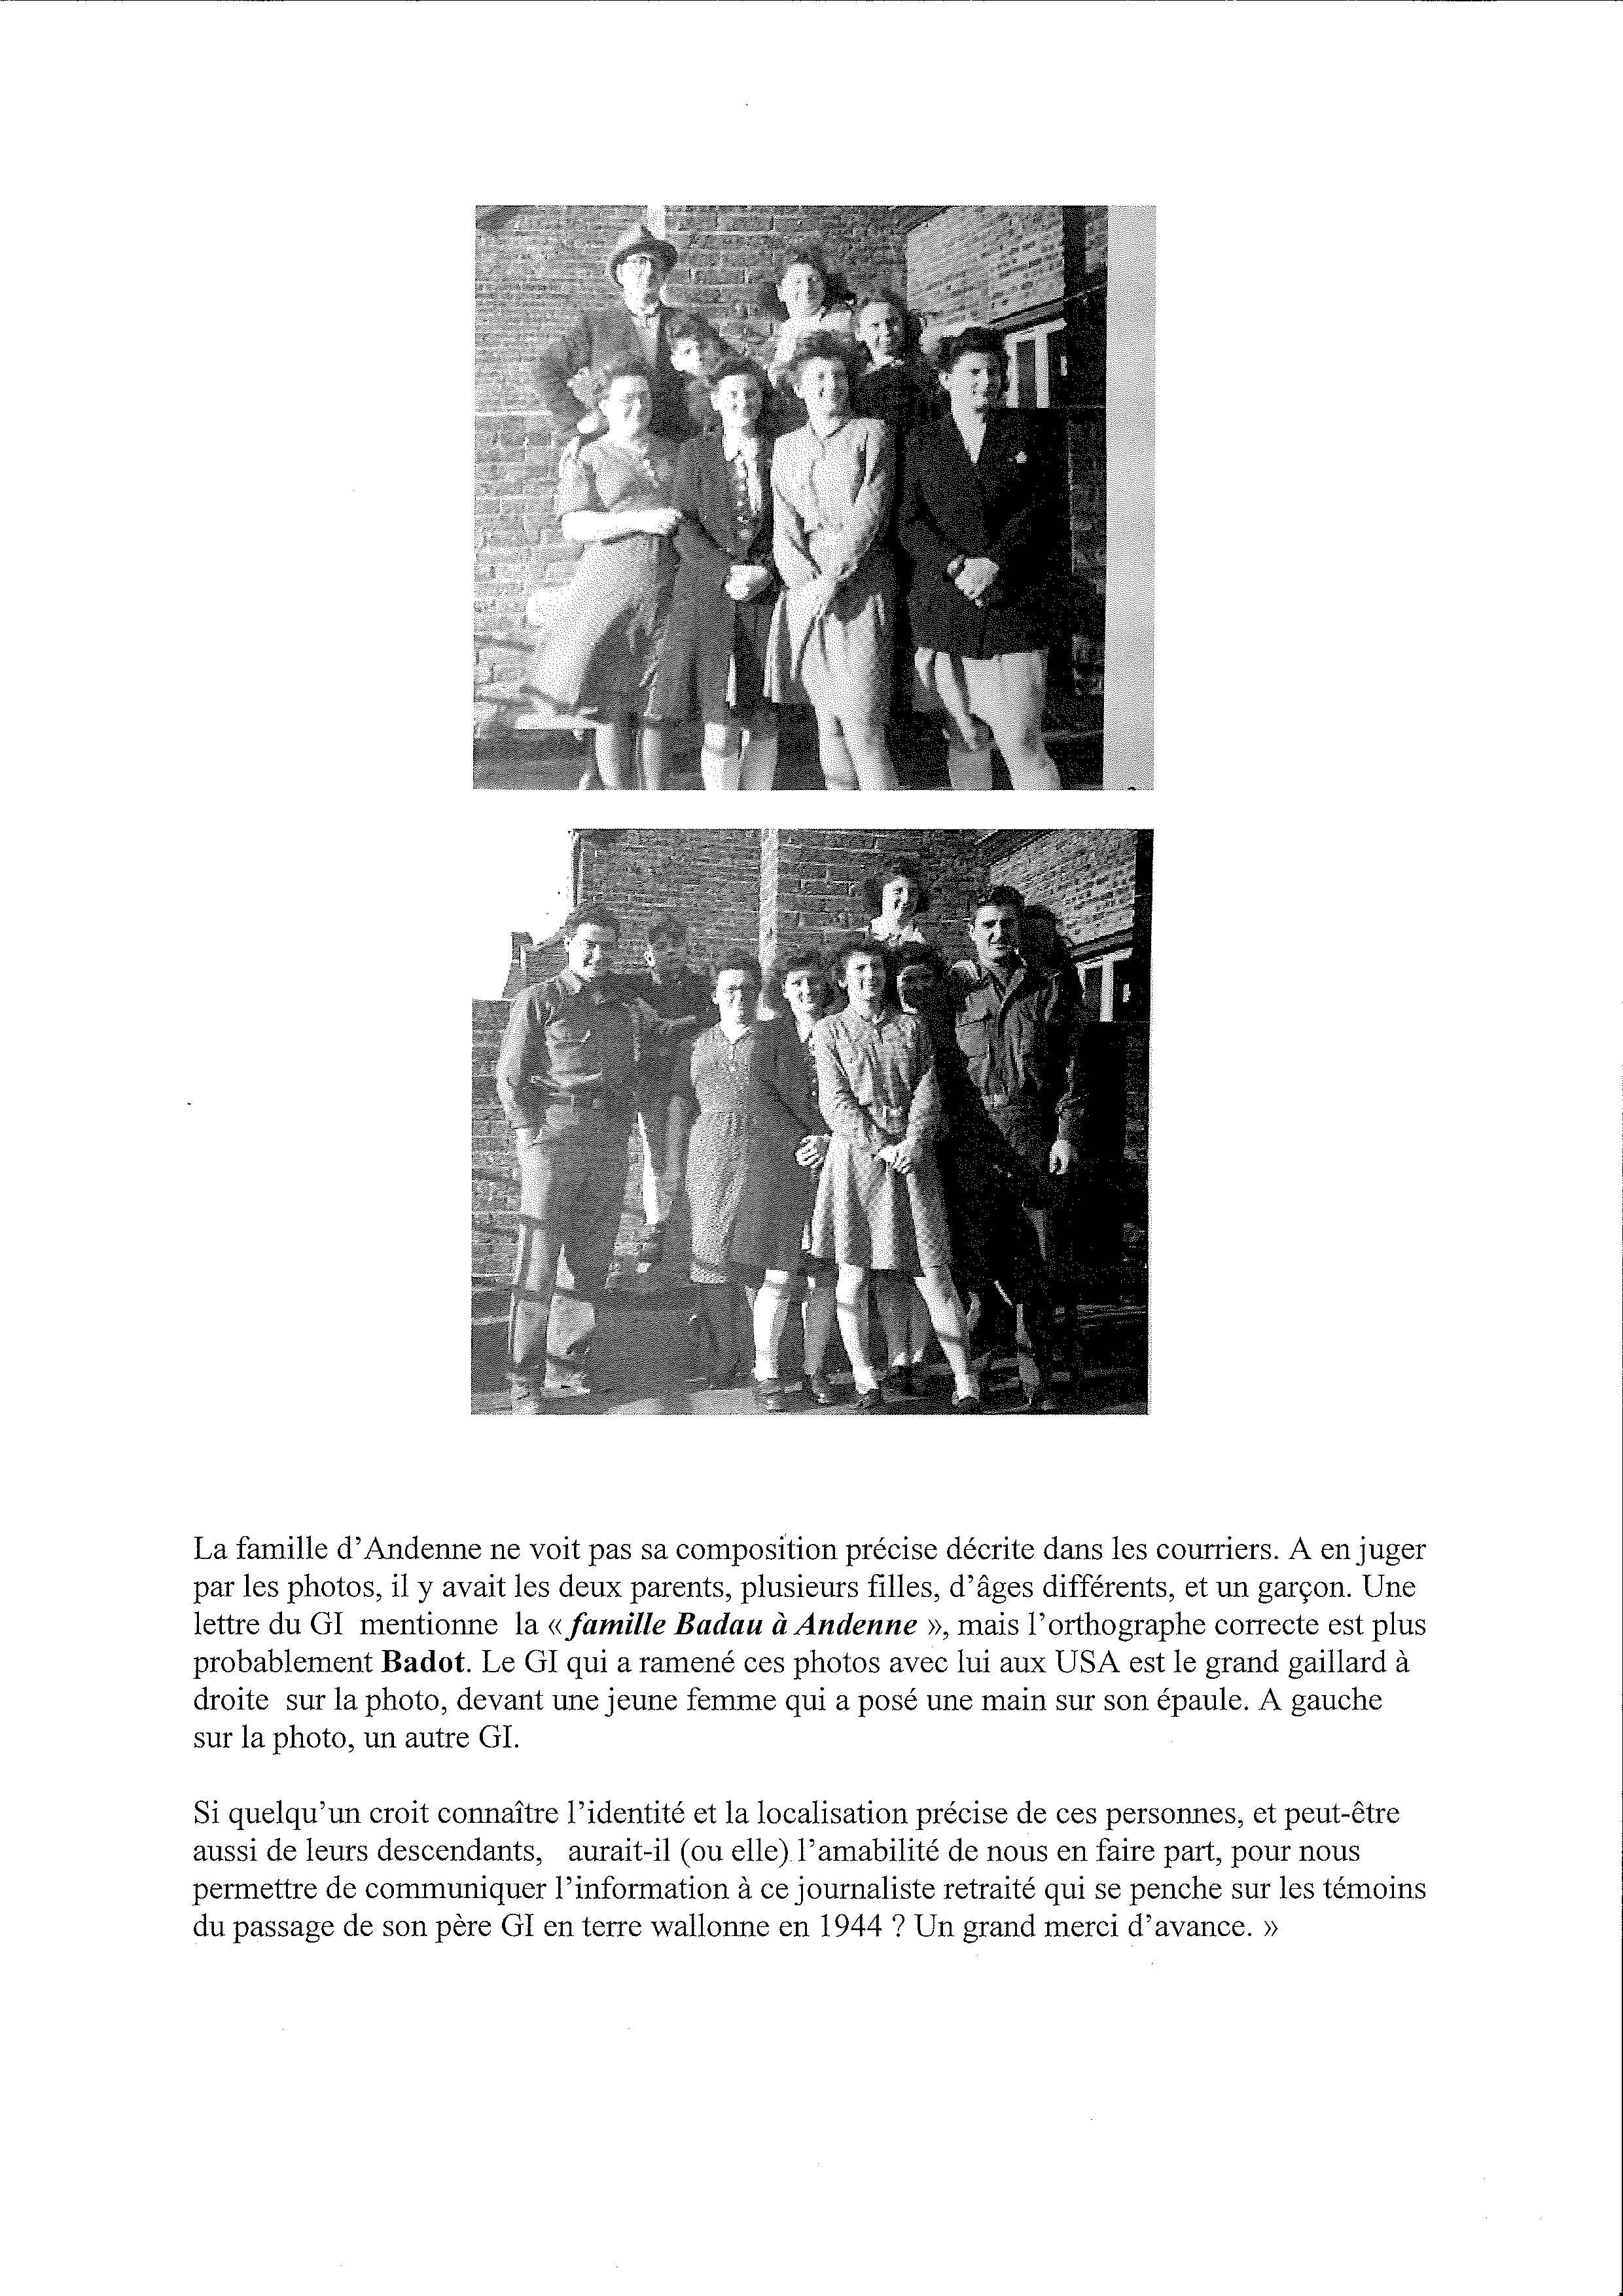 Le fils d'un GI recherche deux familles, à Liège et à Andenne